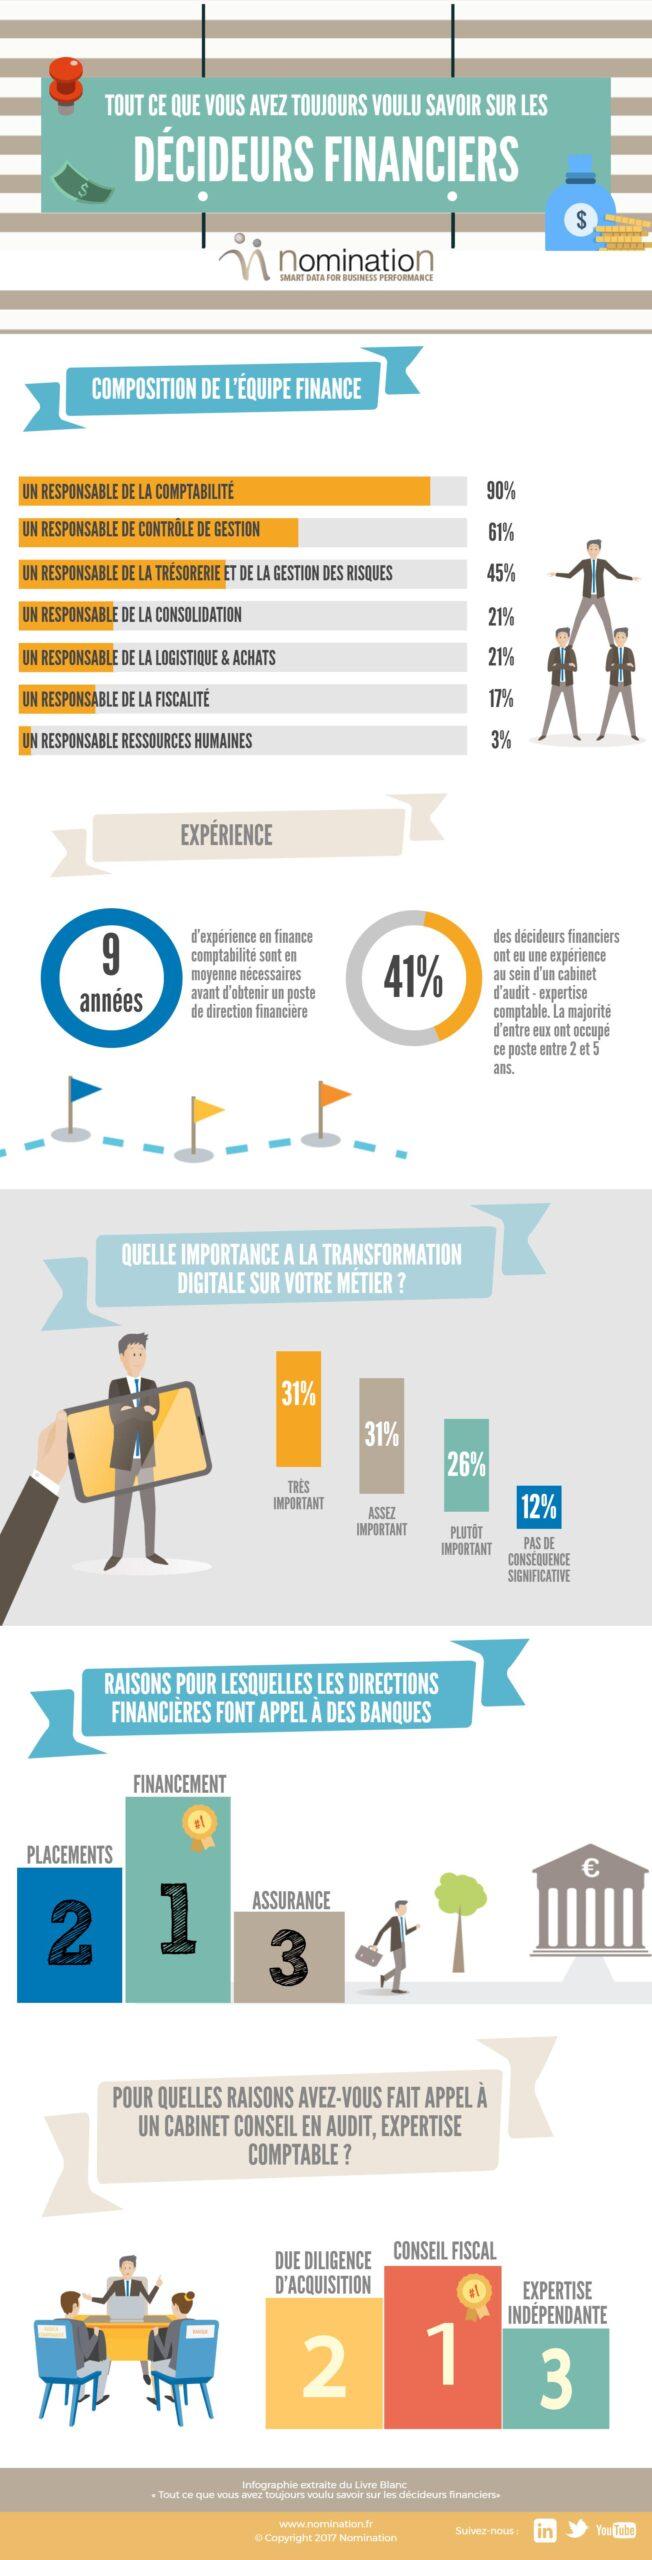 infographie décideurs financiers